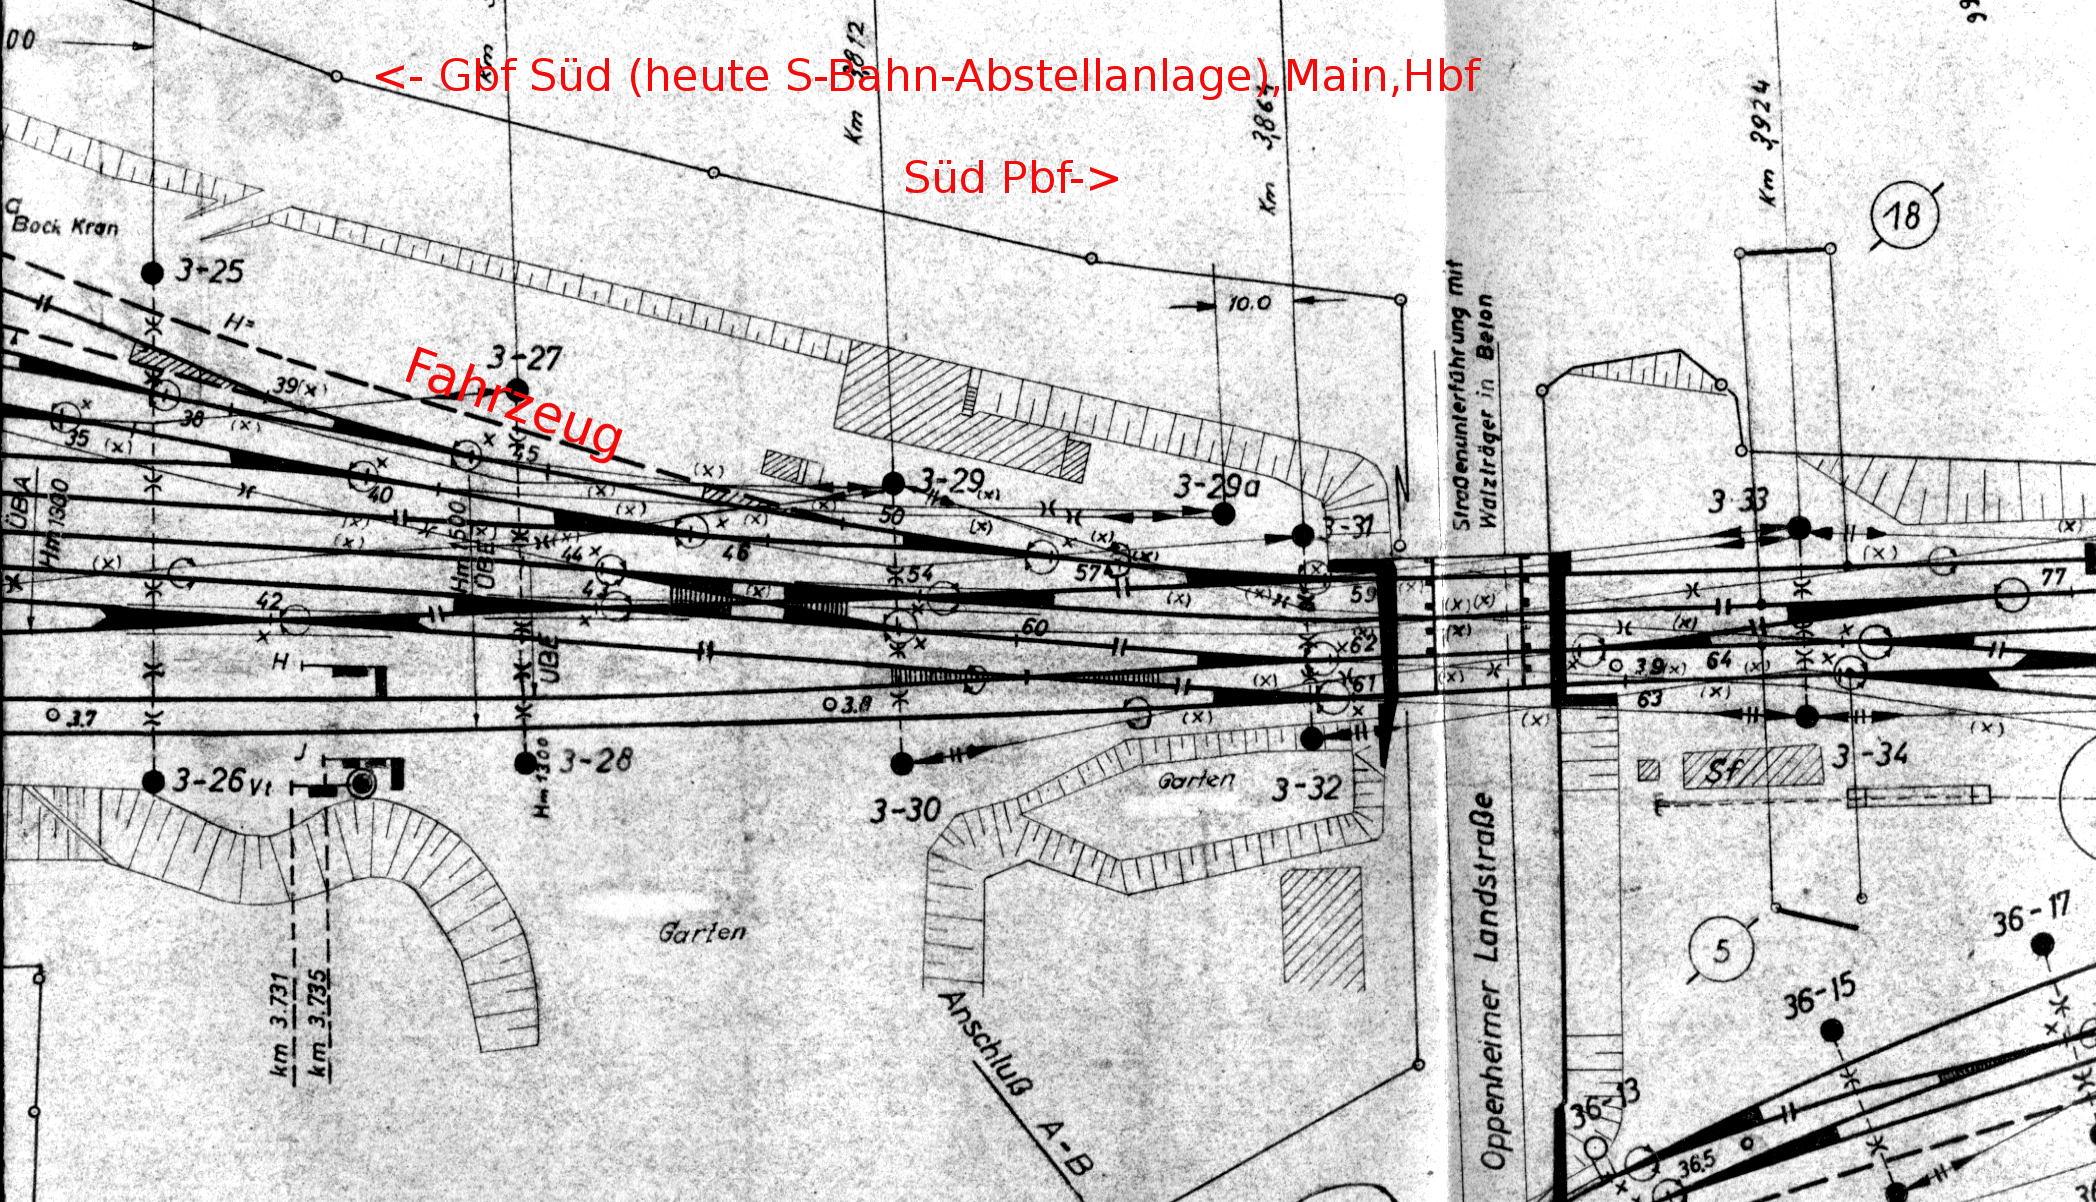 http://19891130.de/Frankfurt_S%C3%BCd.jpg